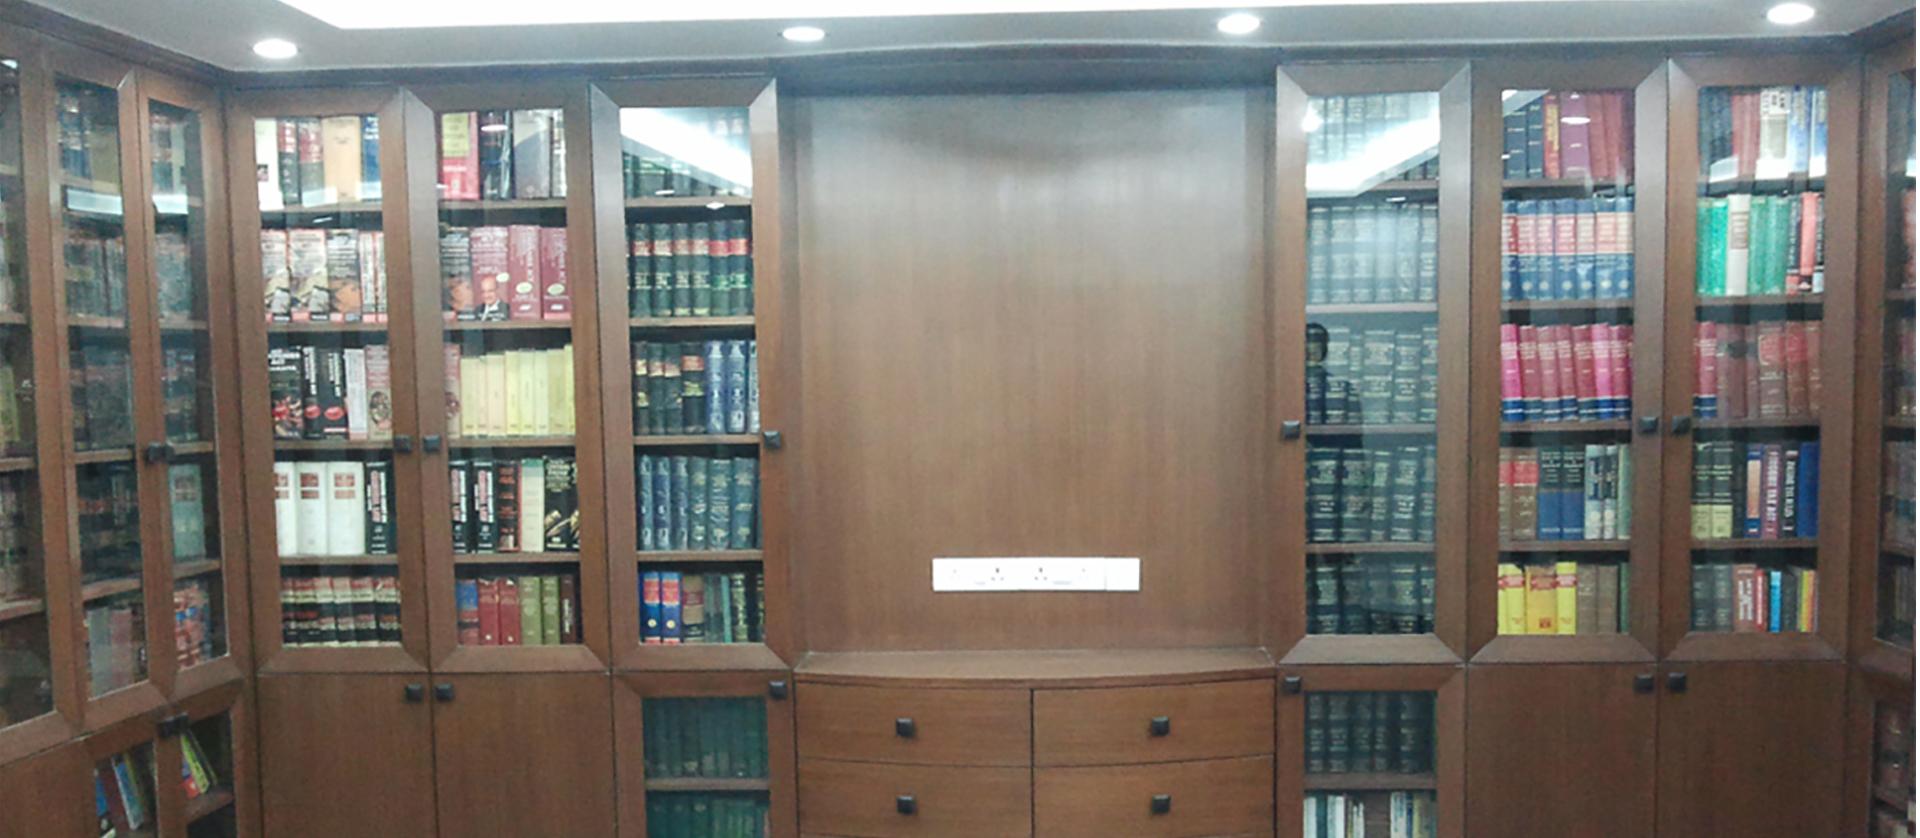 Arbitrator's Office & Residence: Delhi